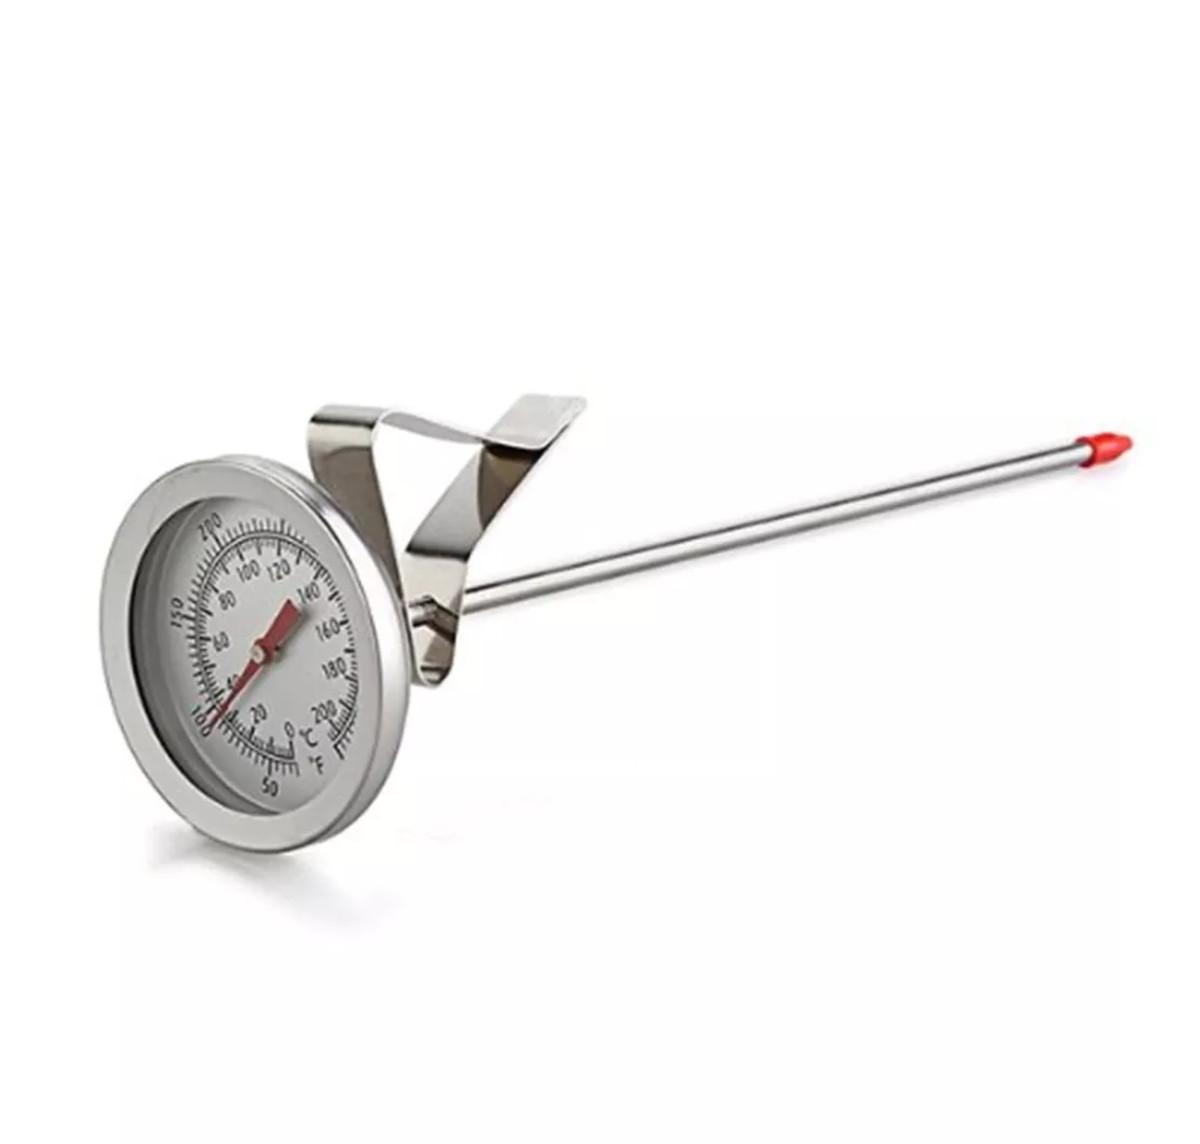 Termômetro Analógico Tipo Espeto com Clipe para Caldeirão